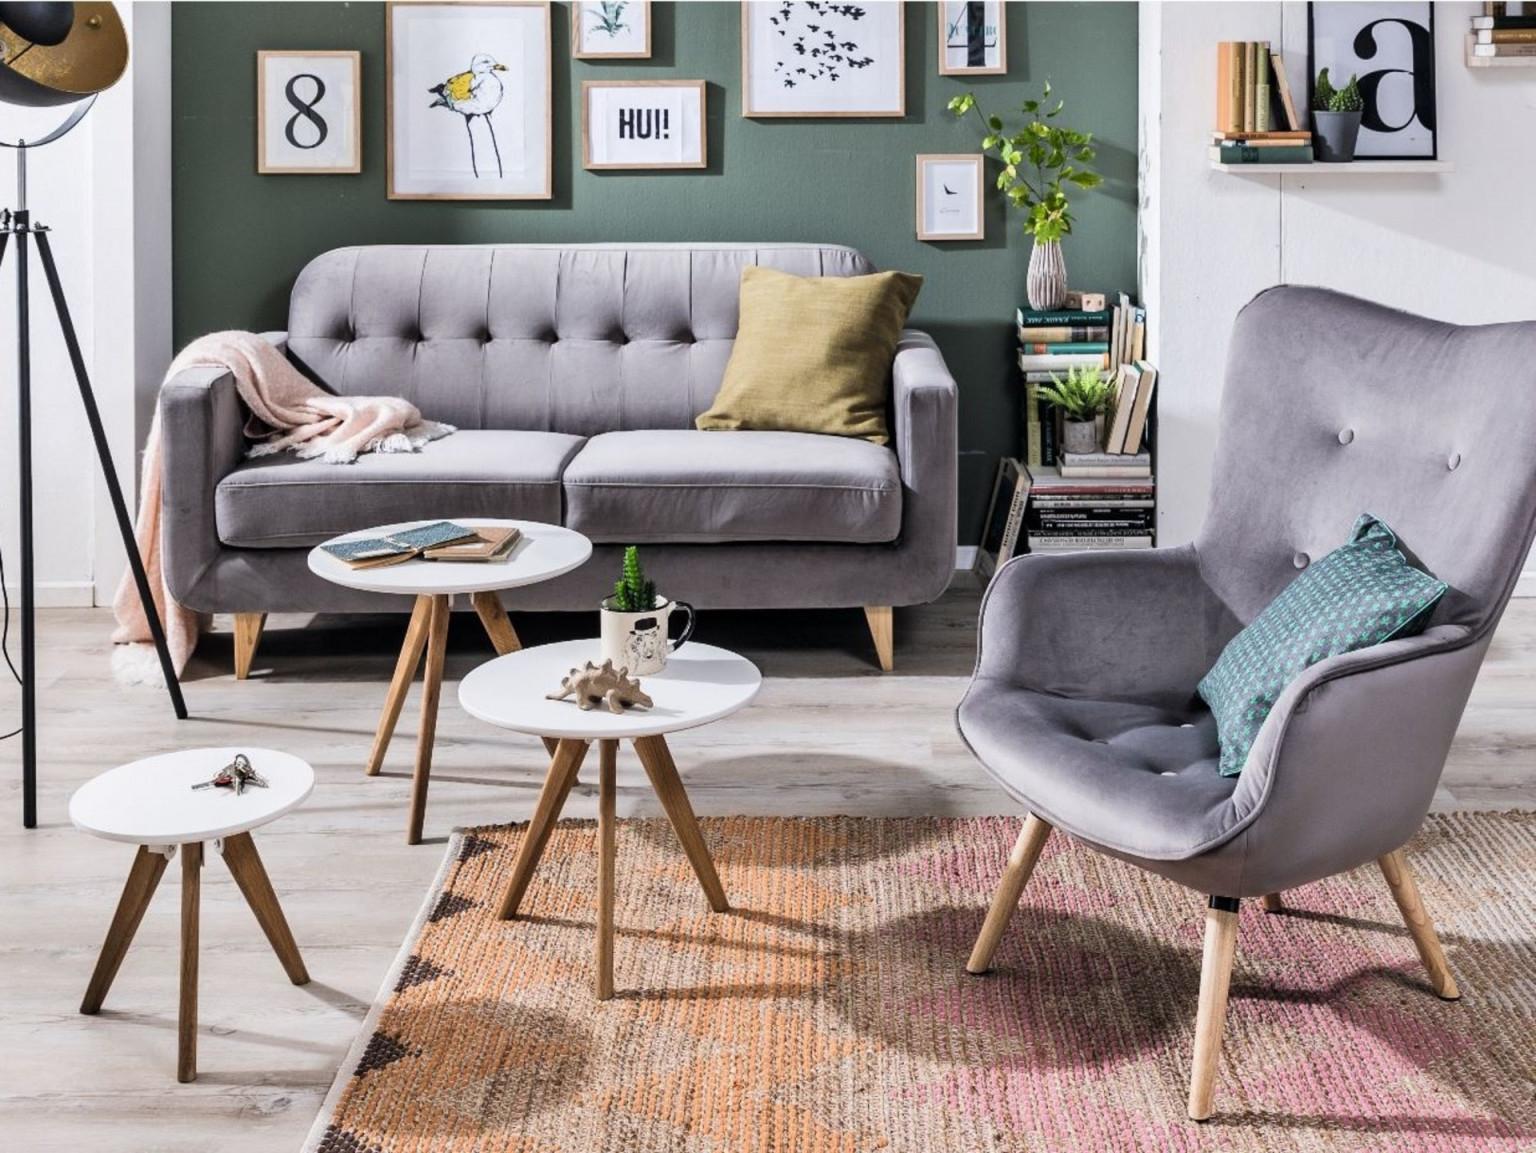 Kleines Wohnzimmer Gemütlich Und Clever Einrichten von Kleines Wohnzimmer Gestalten Photo